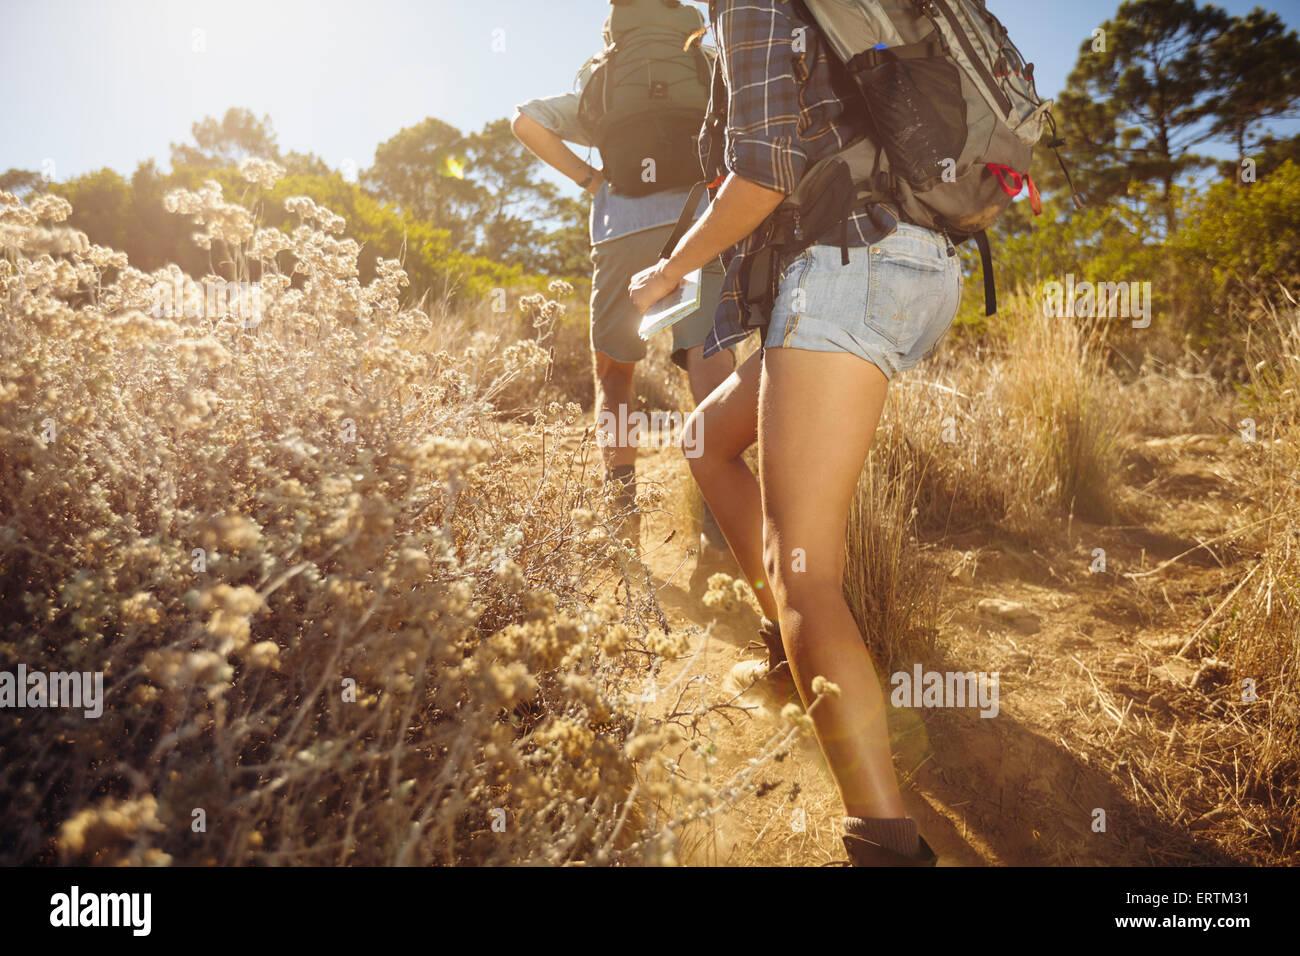 Bild von Mann und Frau zu Fuß auf Feldweg Trail beschnitten. Junges Paar Wandern am Berg an sonnigen Tag. Stockbild